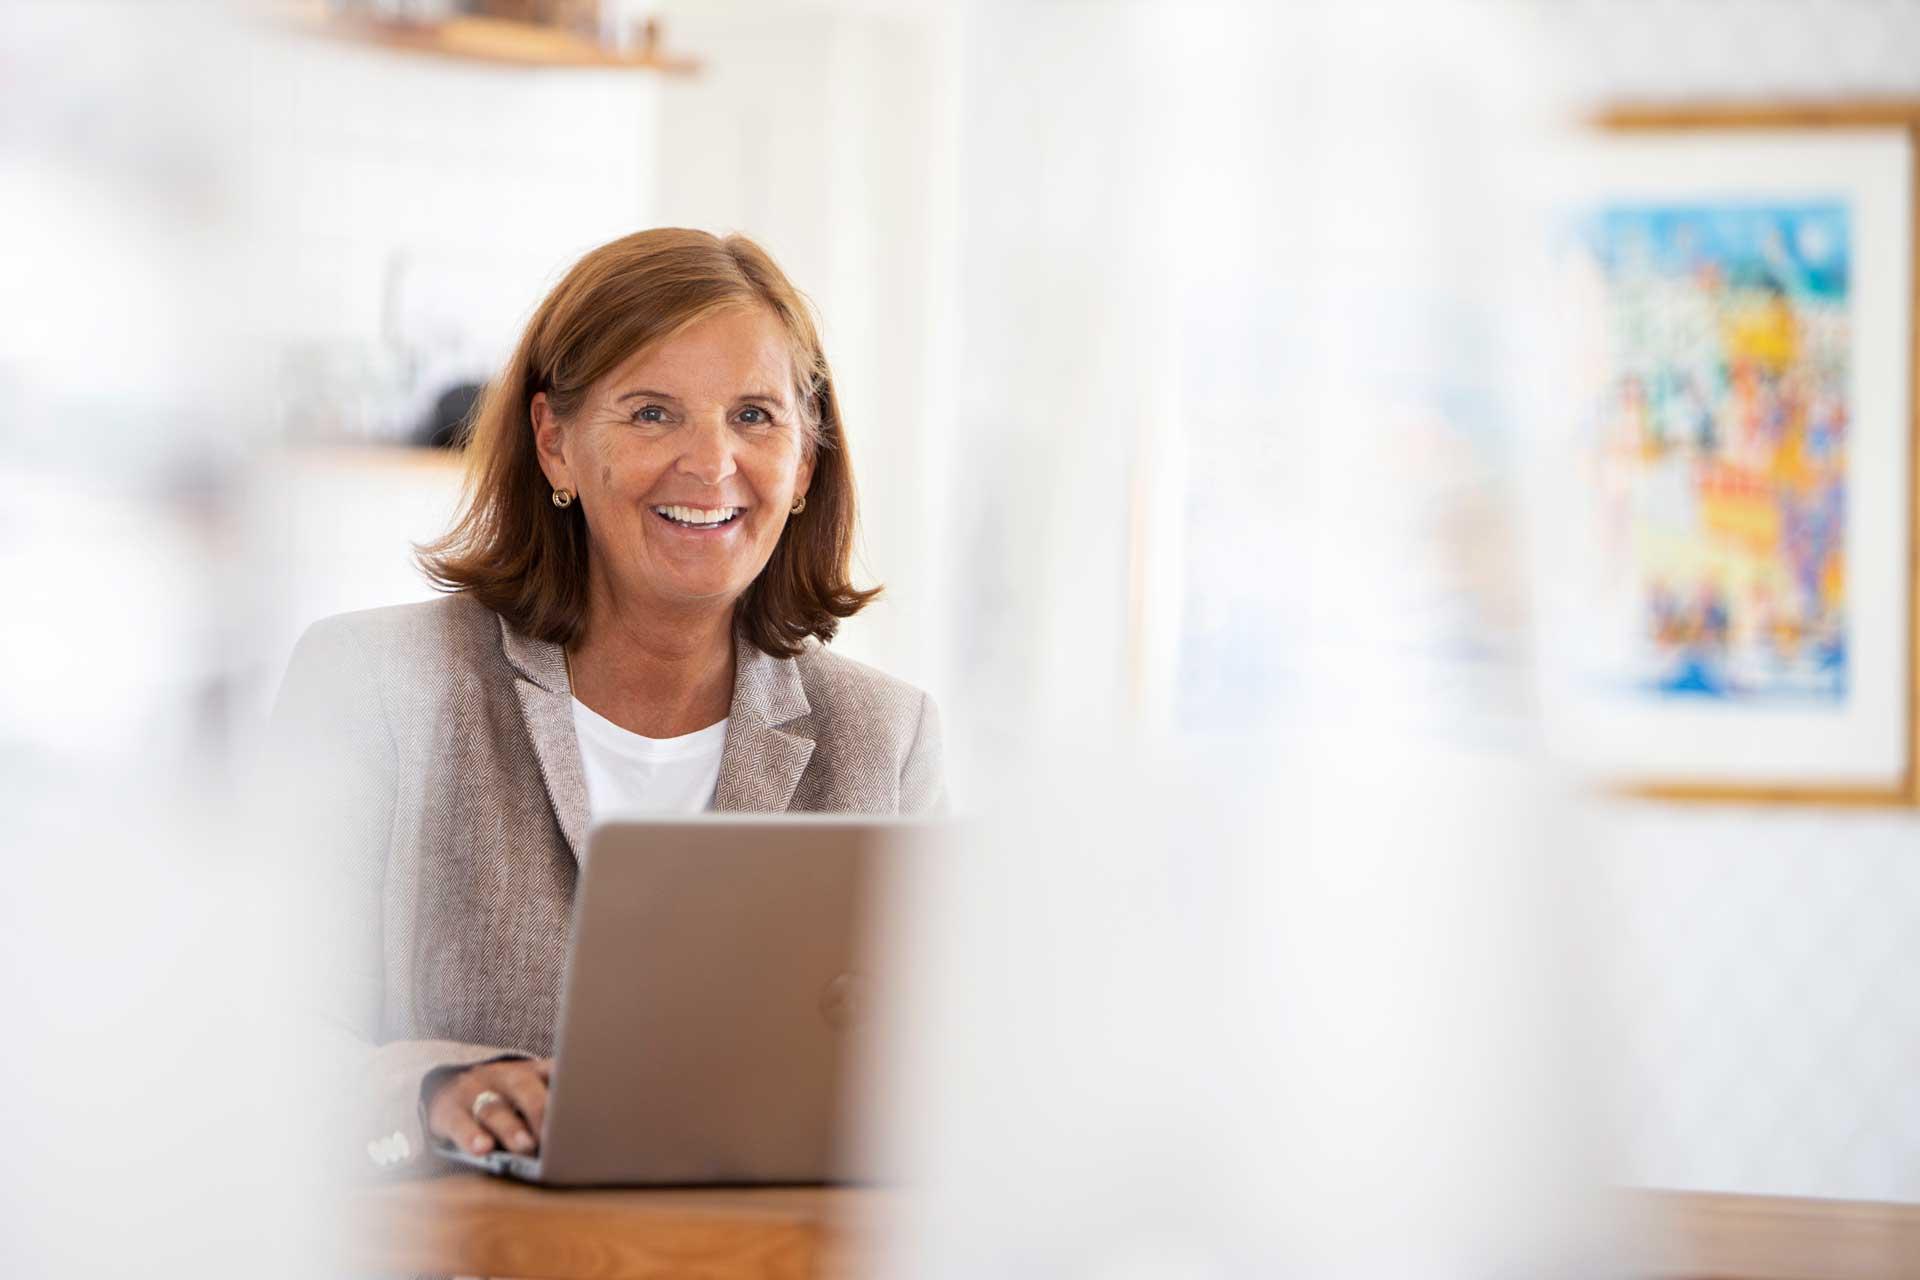 Ann-Sofie skrattandes i ljus miljö